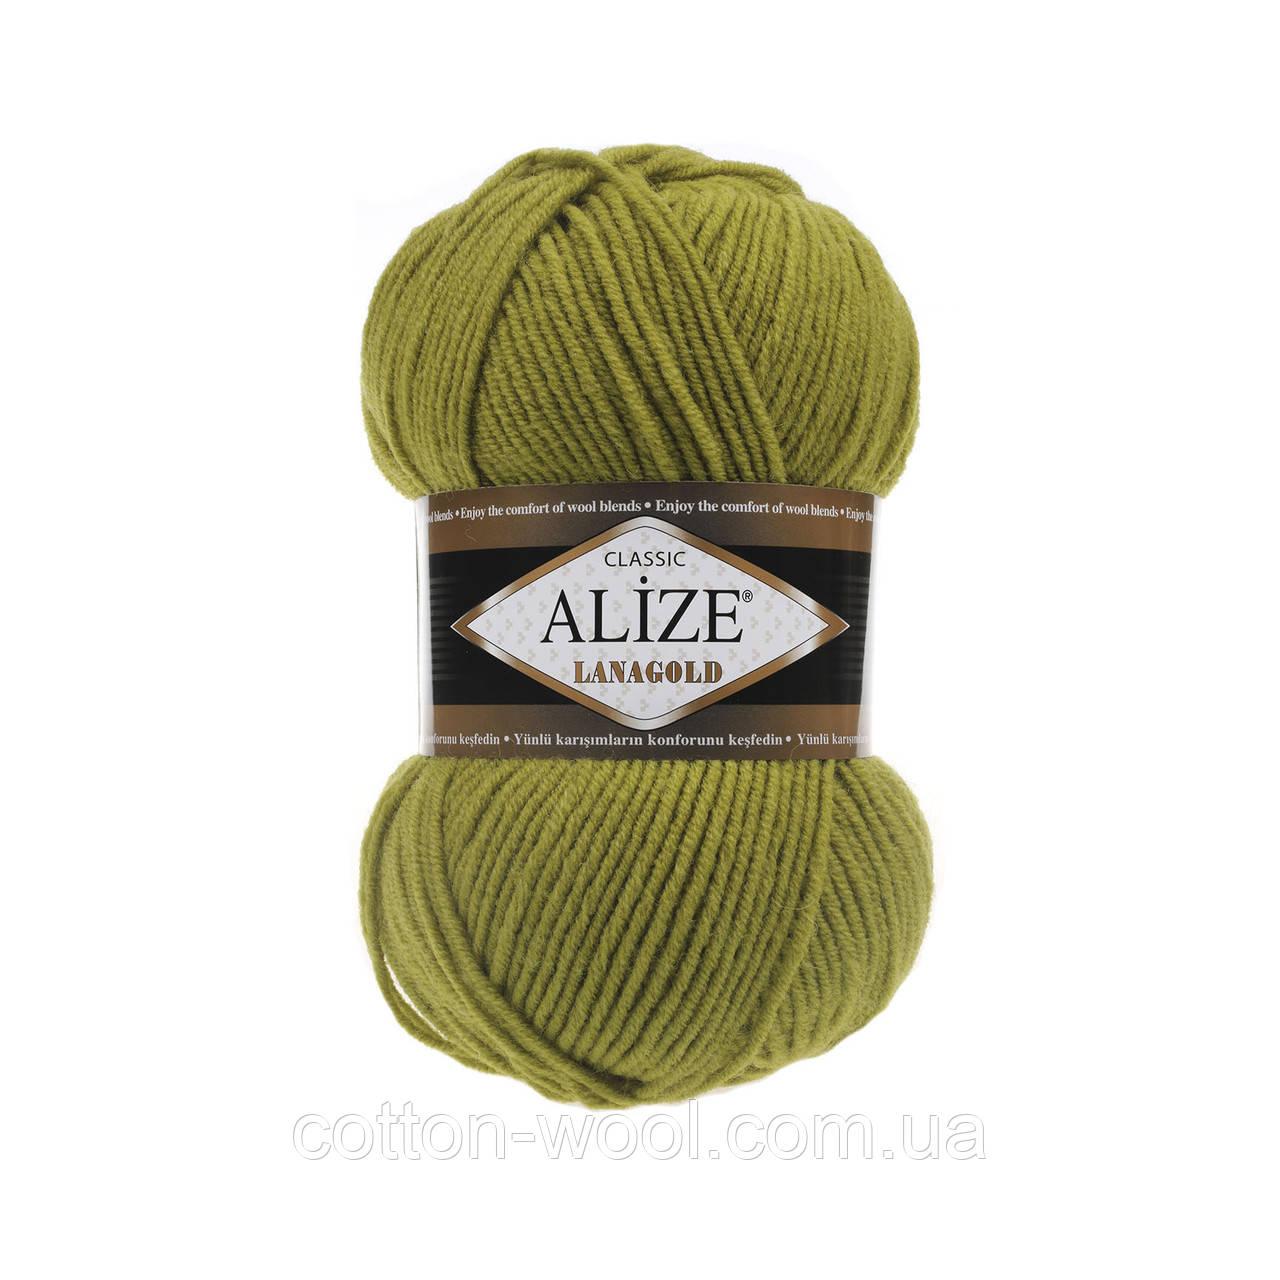 Alize Lanagold (Ализе Ланаголд) 193